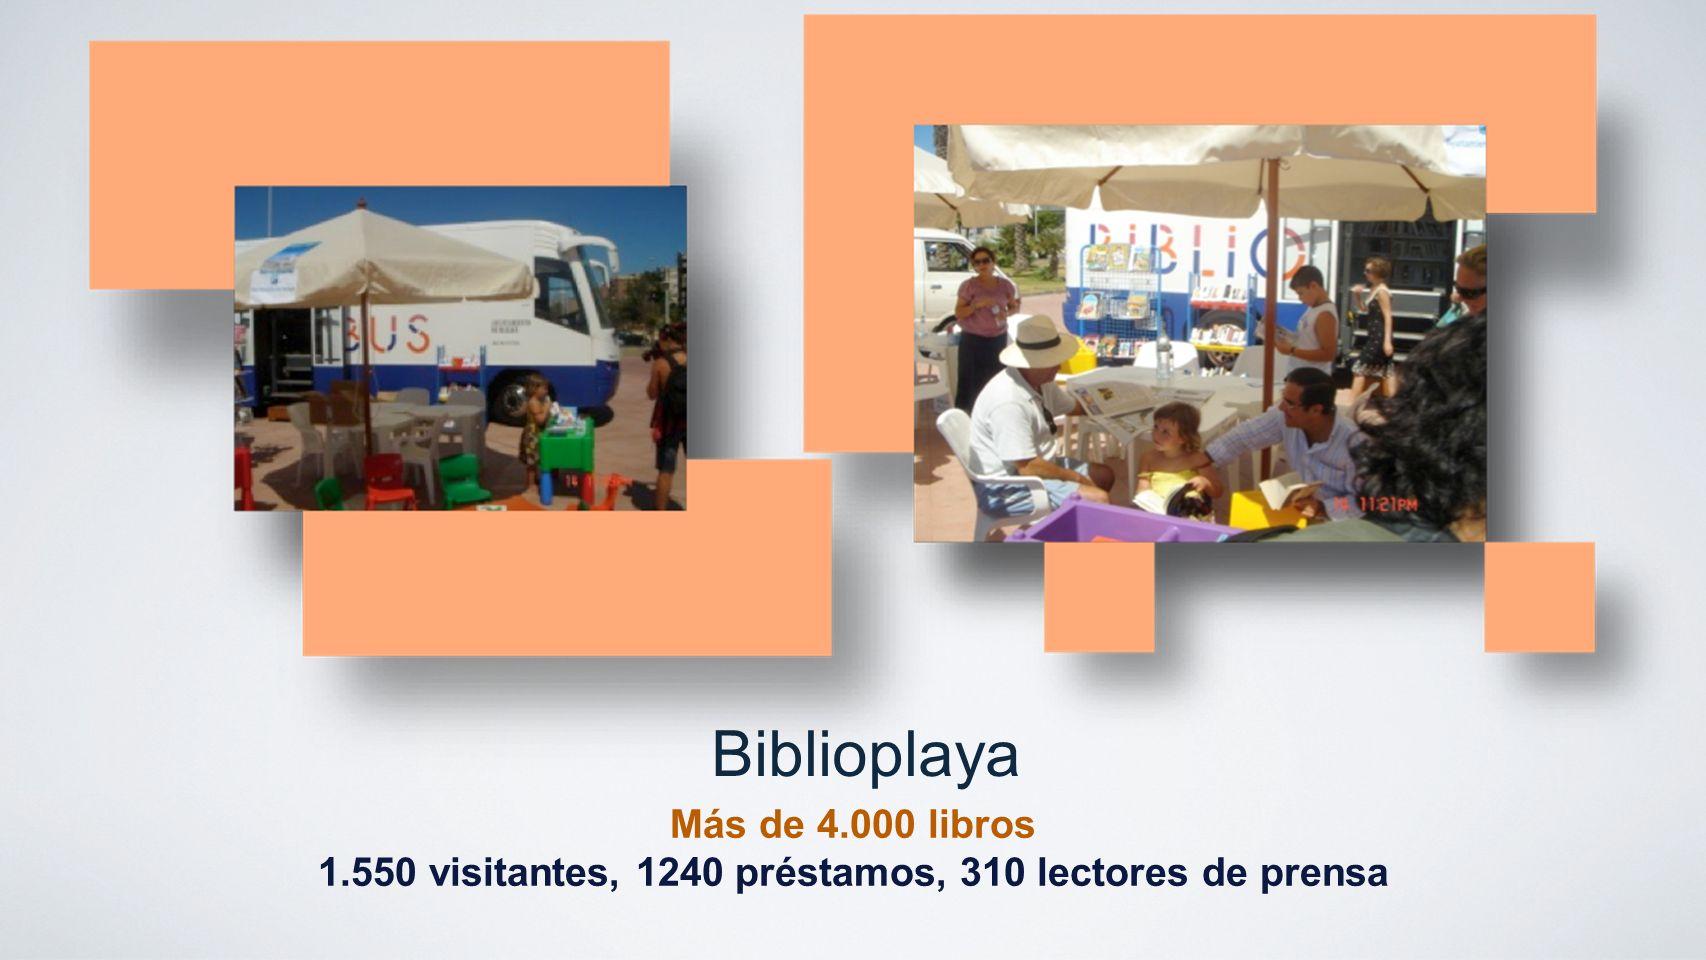 Biblioplaya Más de 4.000 libros 1.550 visitantes, 1240 préstamos, 310 lectores de prensa